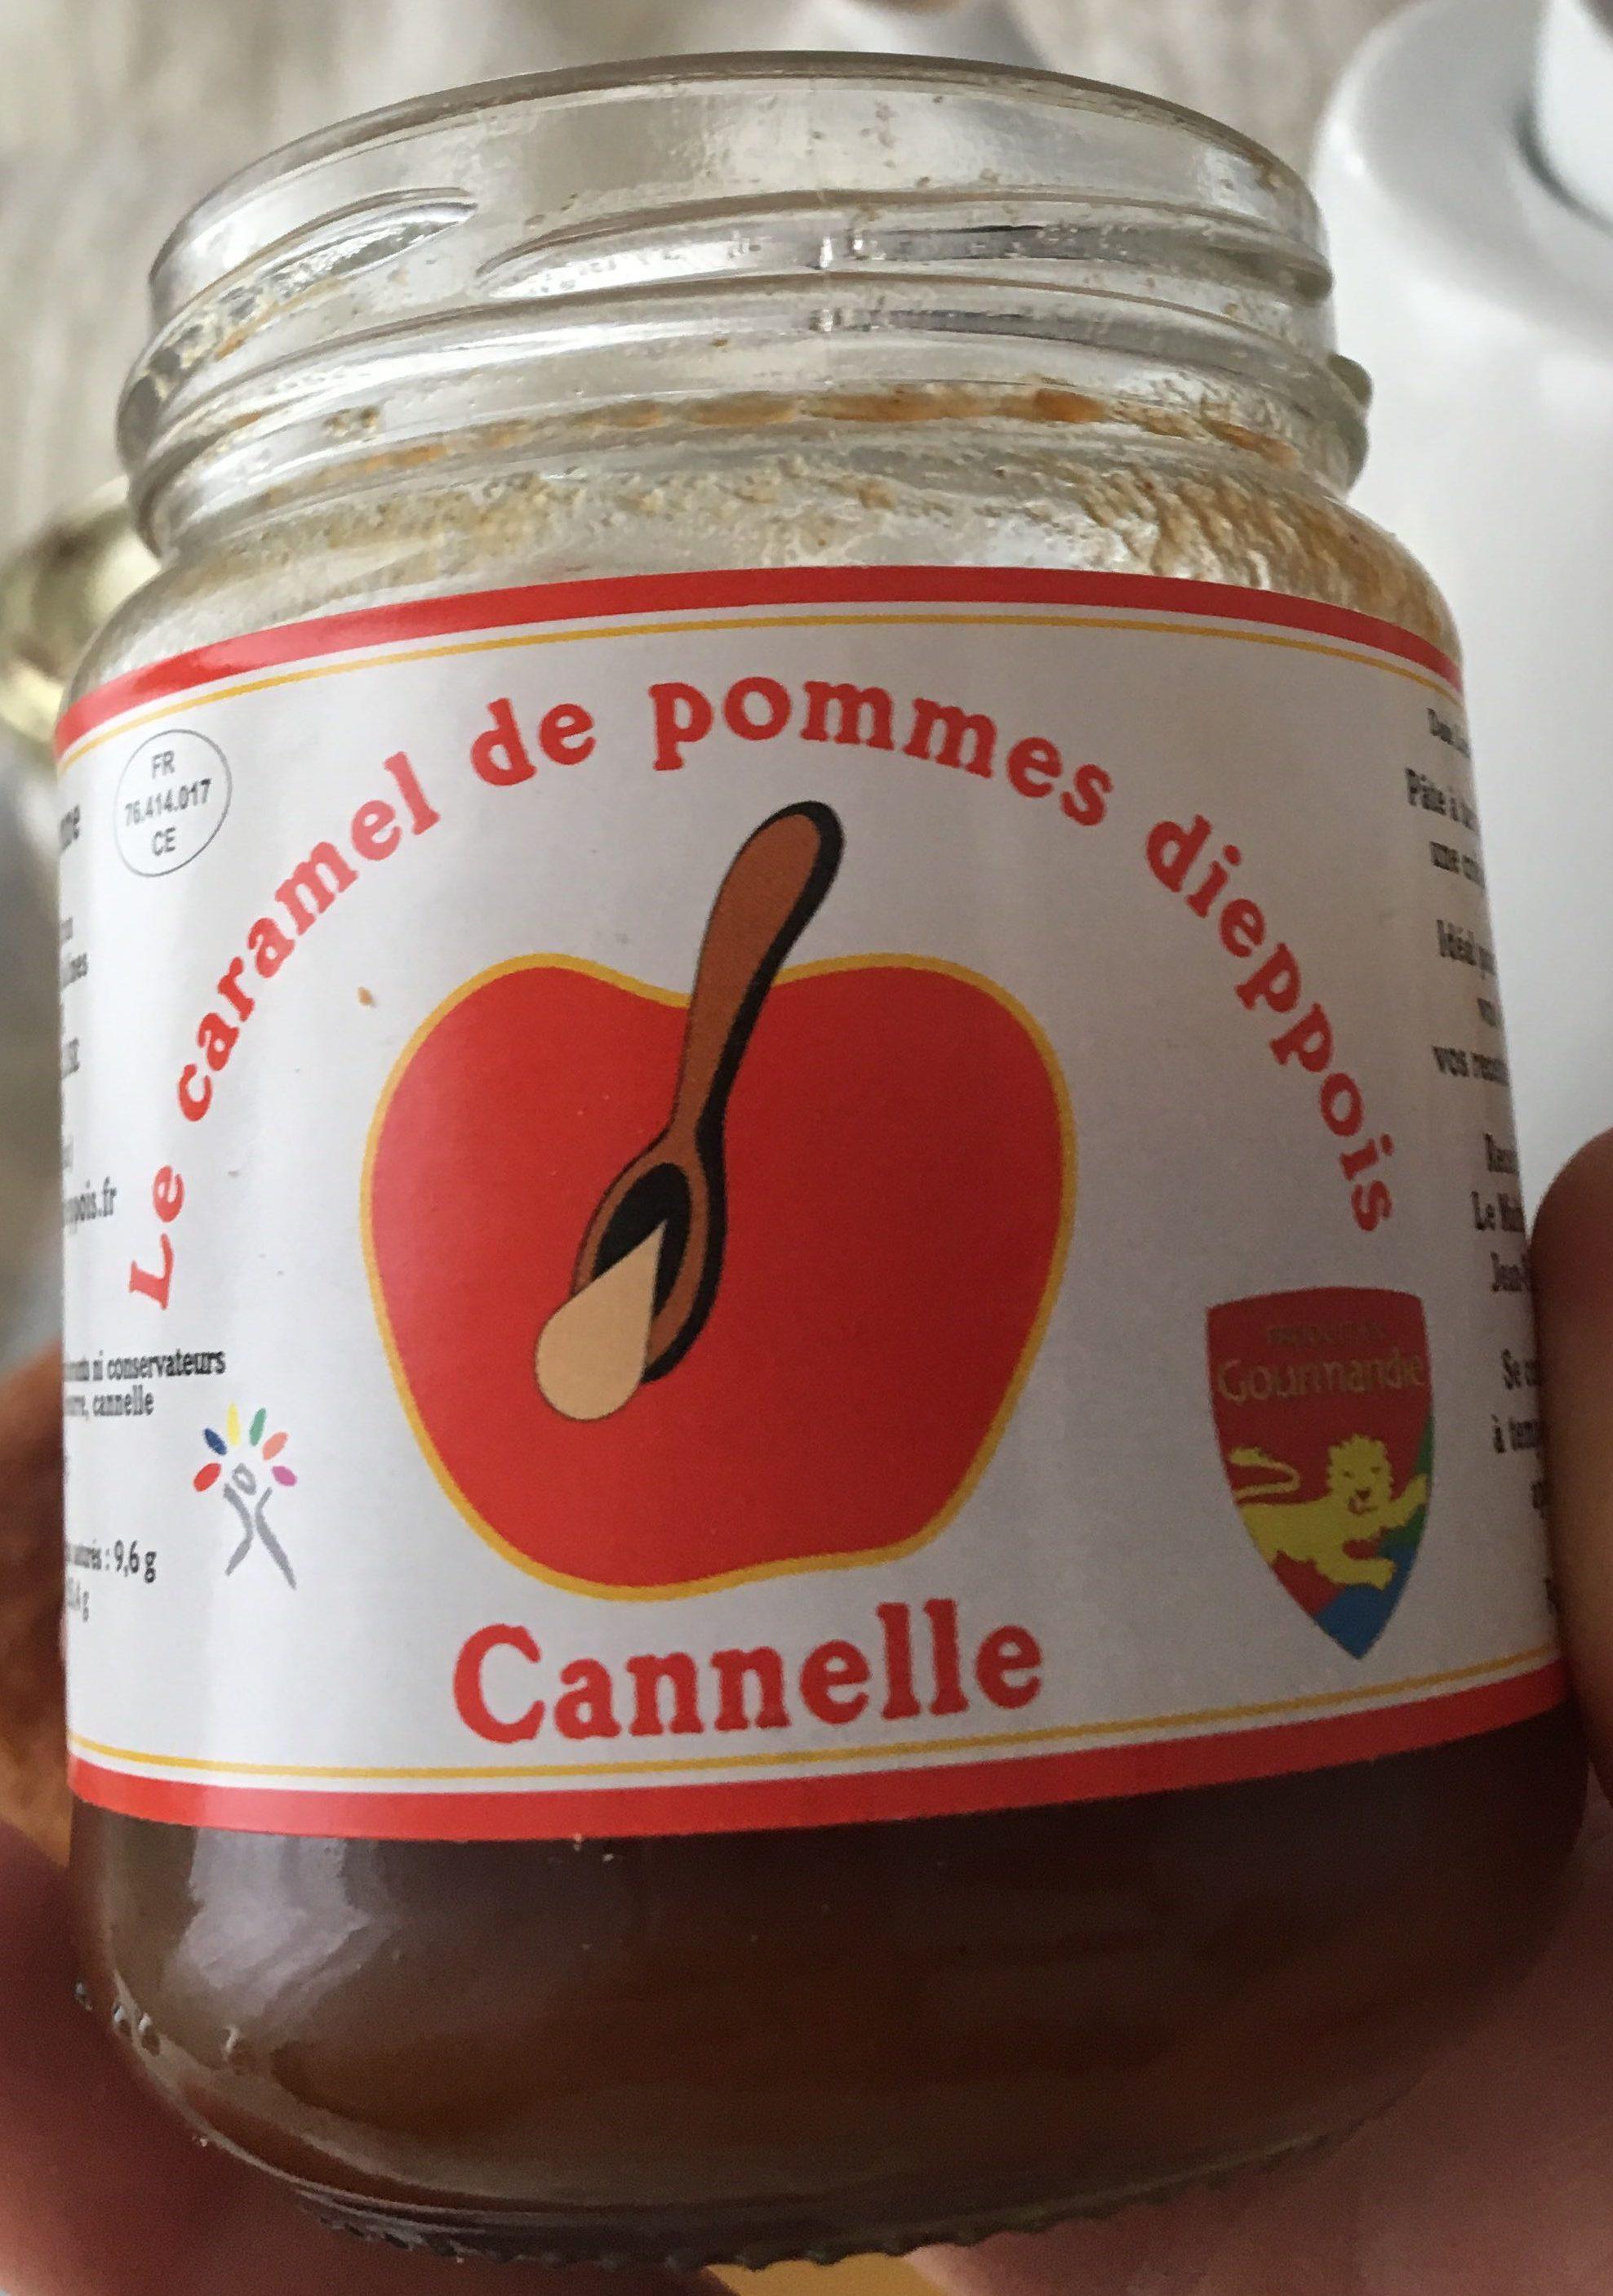 Le caramel de pommes dieppois Cannelle - Product - fr